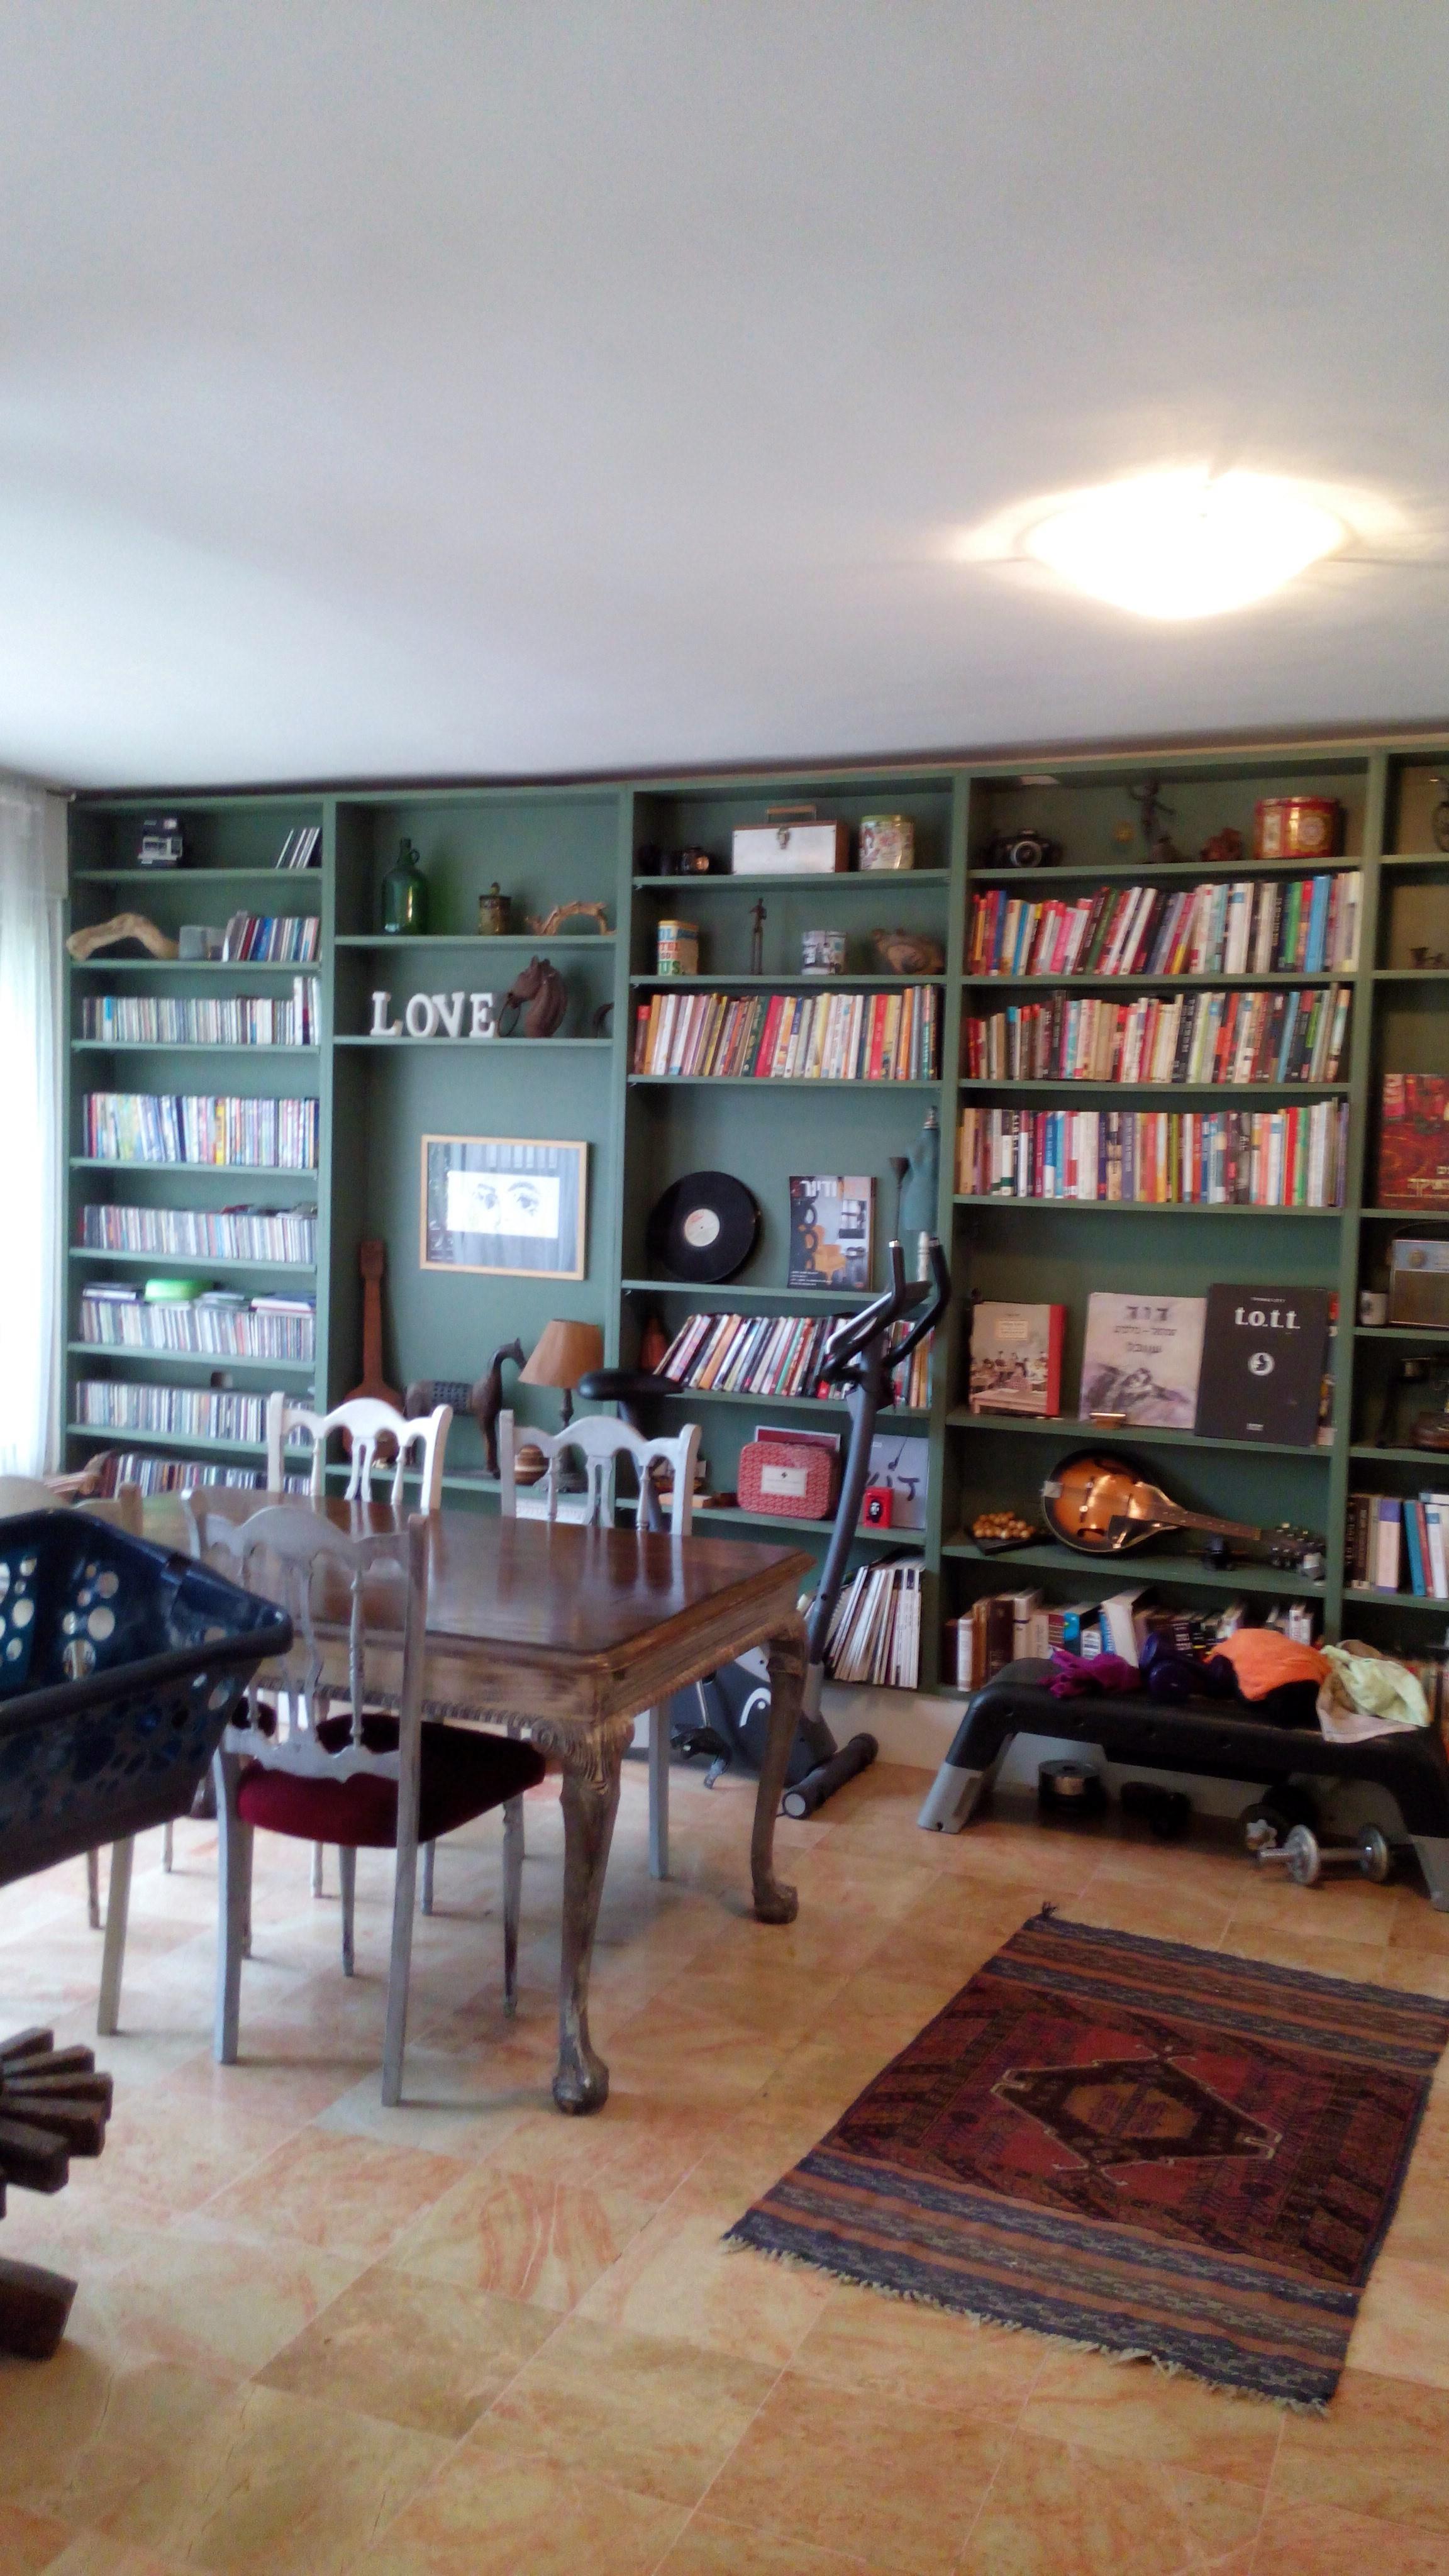 צביעת ספרייה ביתית בהידרו אמייל